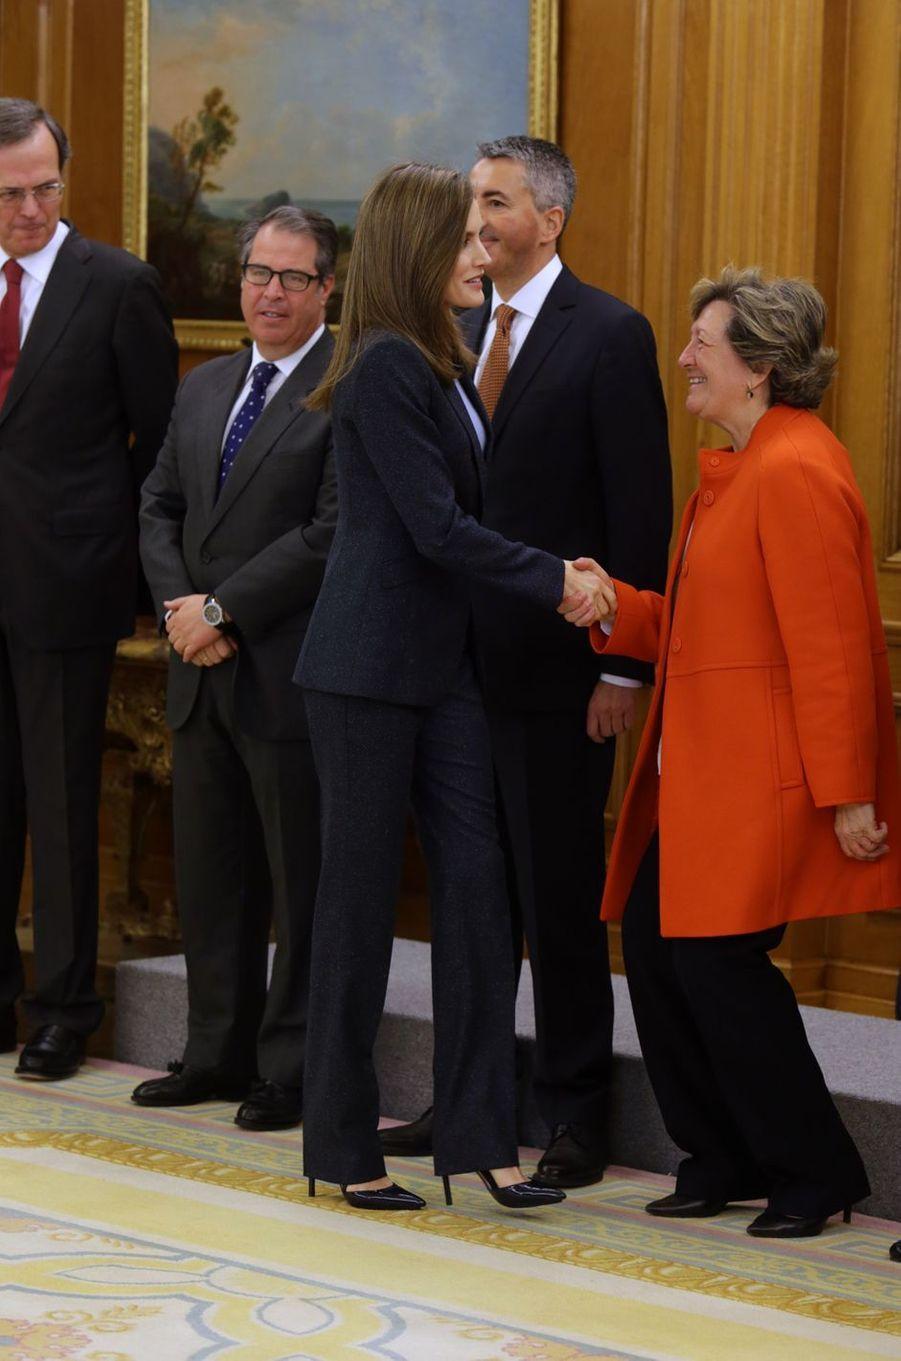 La reine Letizia d'Espagne à Madrid, le 16 mars 2017